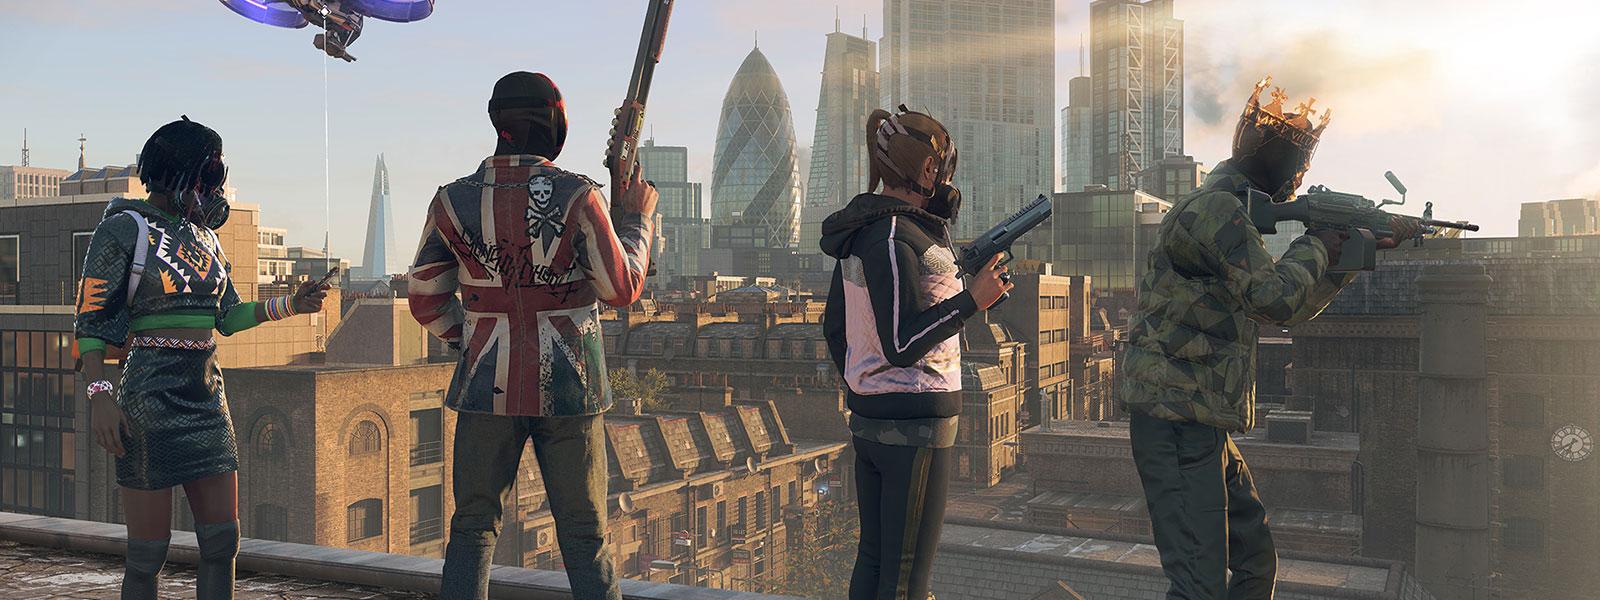 Bir çatıya sıralanmış bir şehre doğru bakan maskeli ve silahlı karakterler